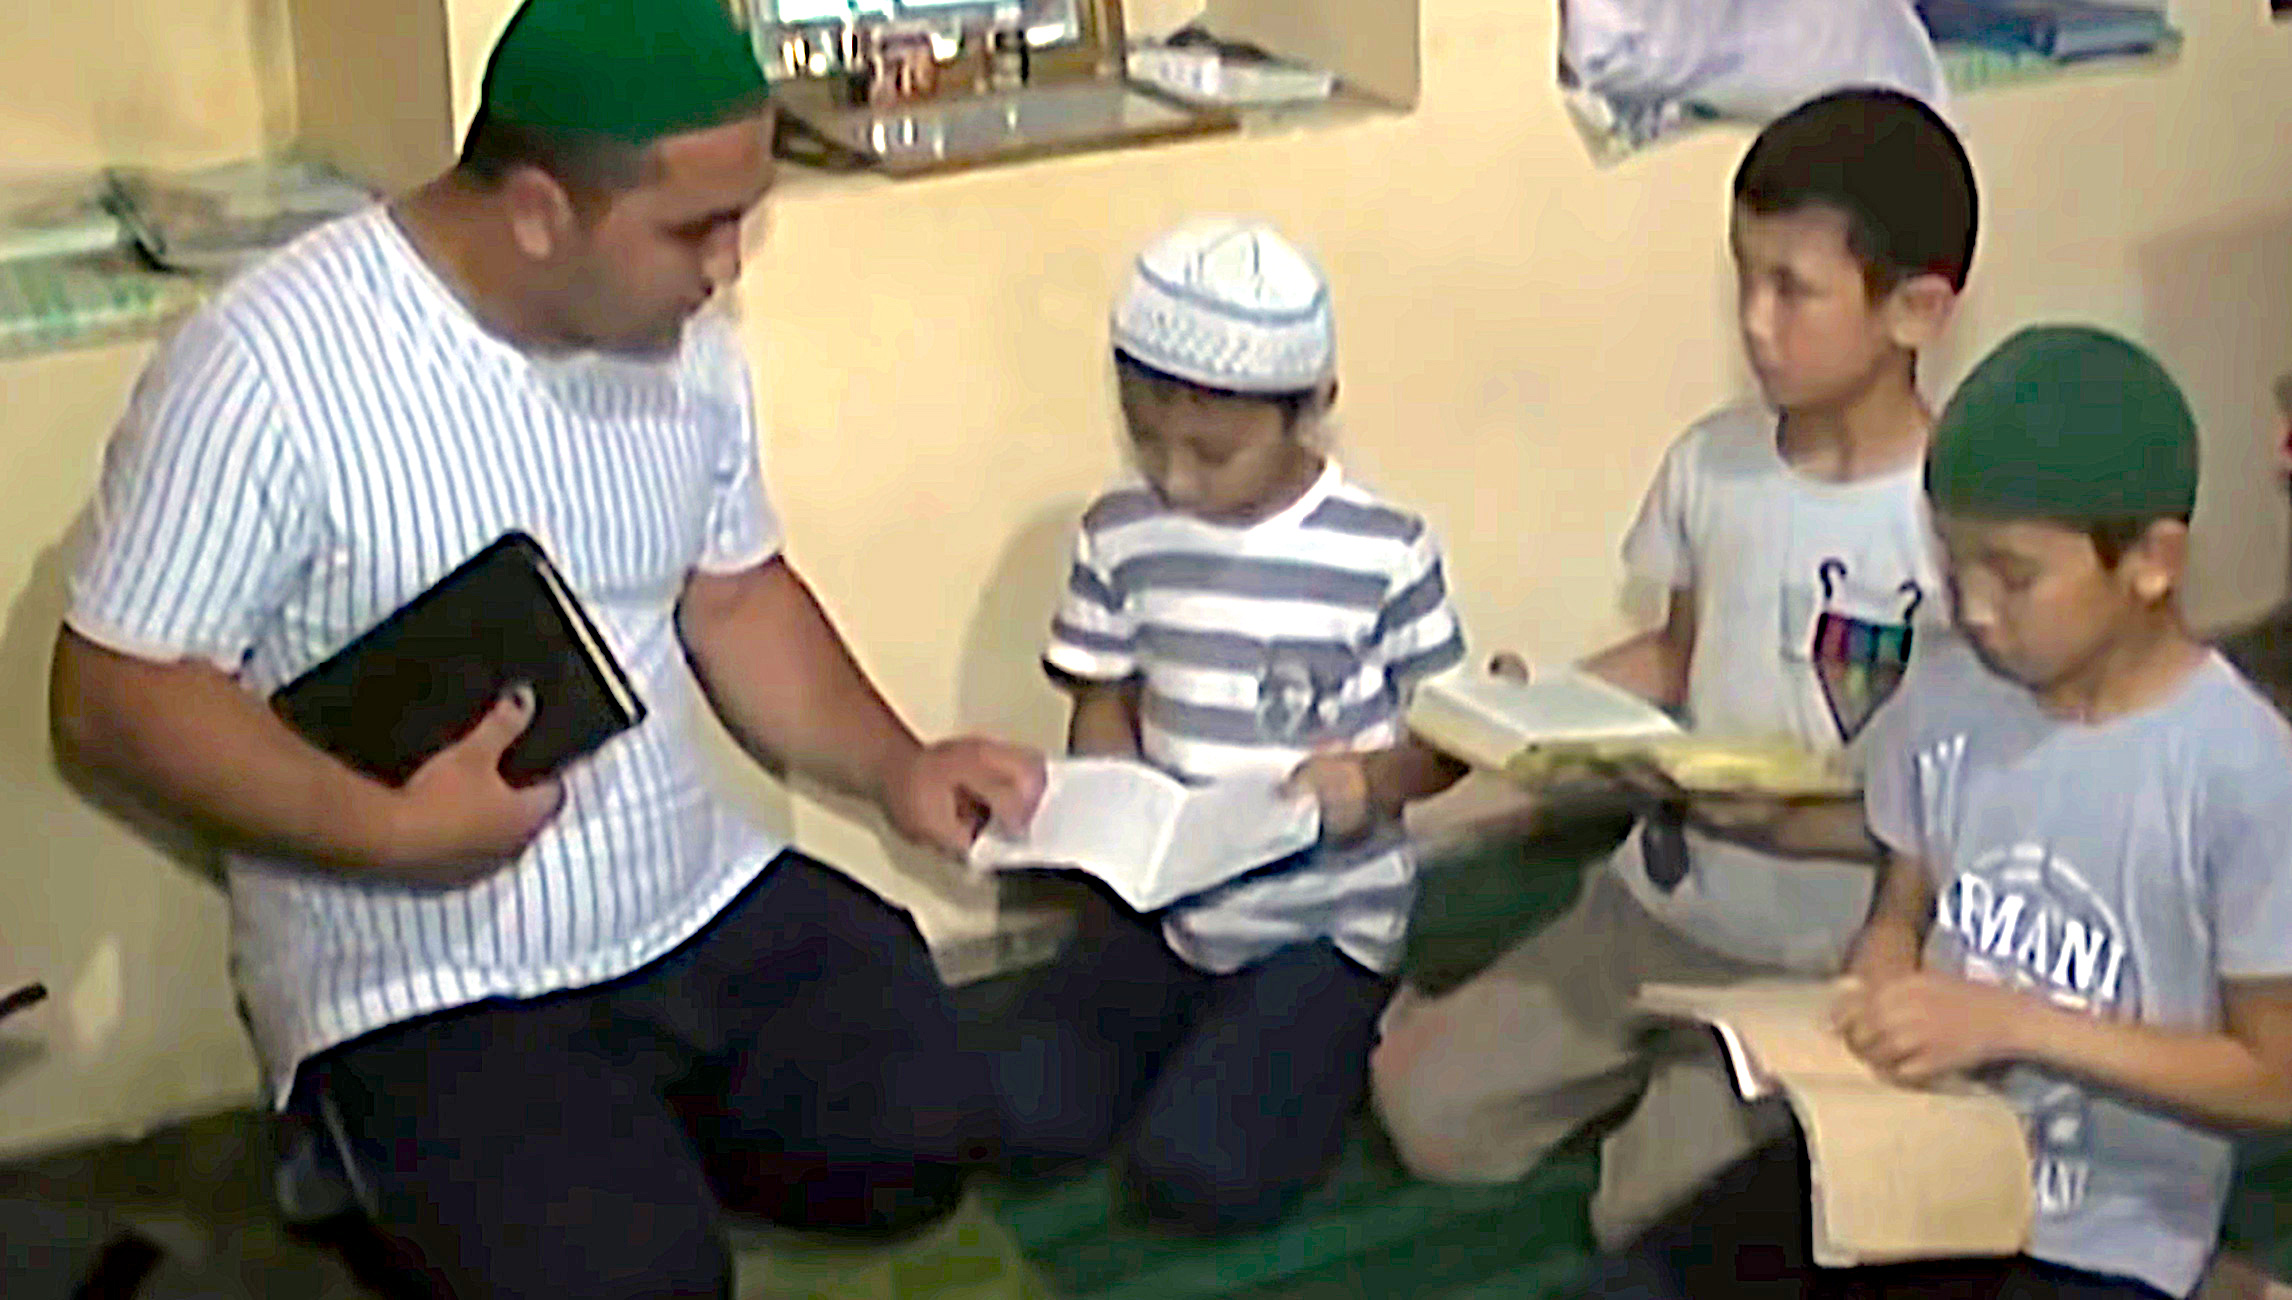 Узбекистан закрывает незаконные религиозные школы, обвиняемые в жестоком обращении с детьми